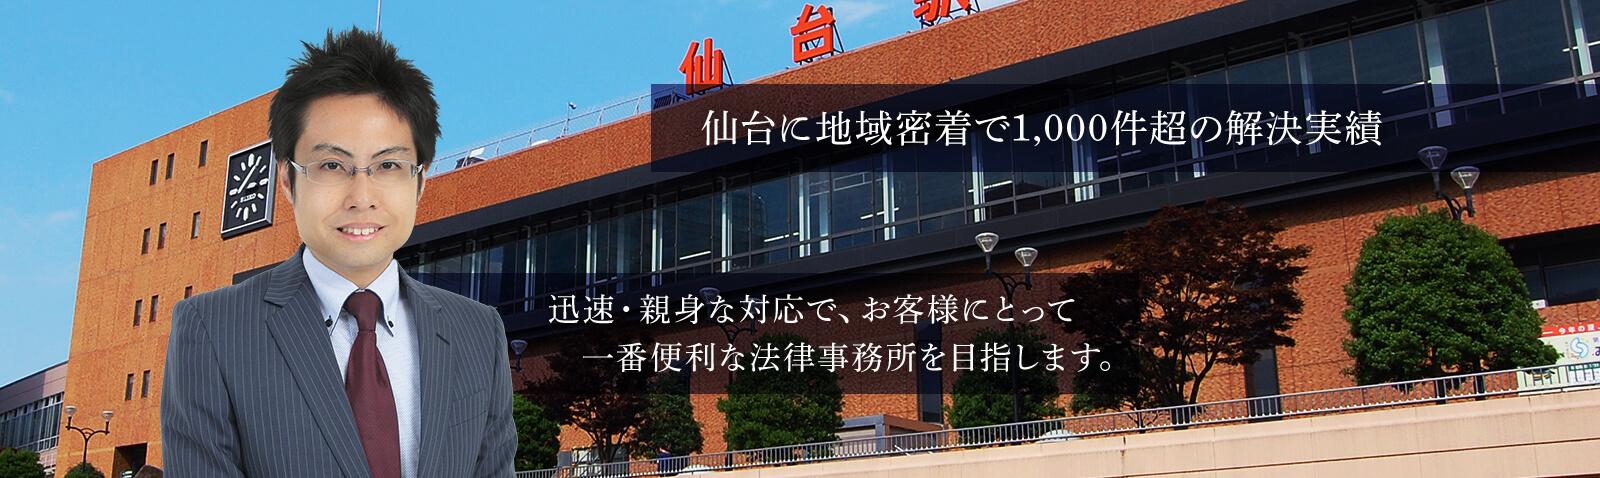 仙台に地域密着で1,000件超の解決実績 迅速・親身な対応で、お客様にとって一番便利な法律事務所を目指します。